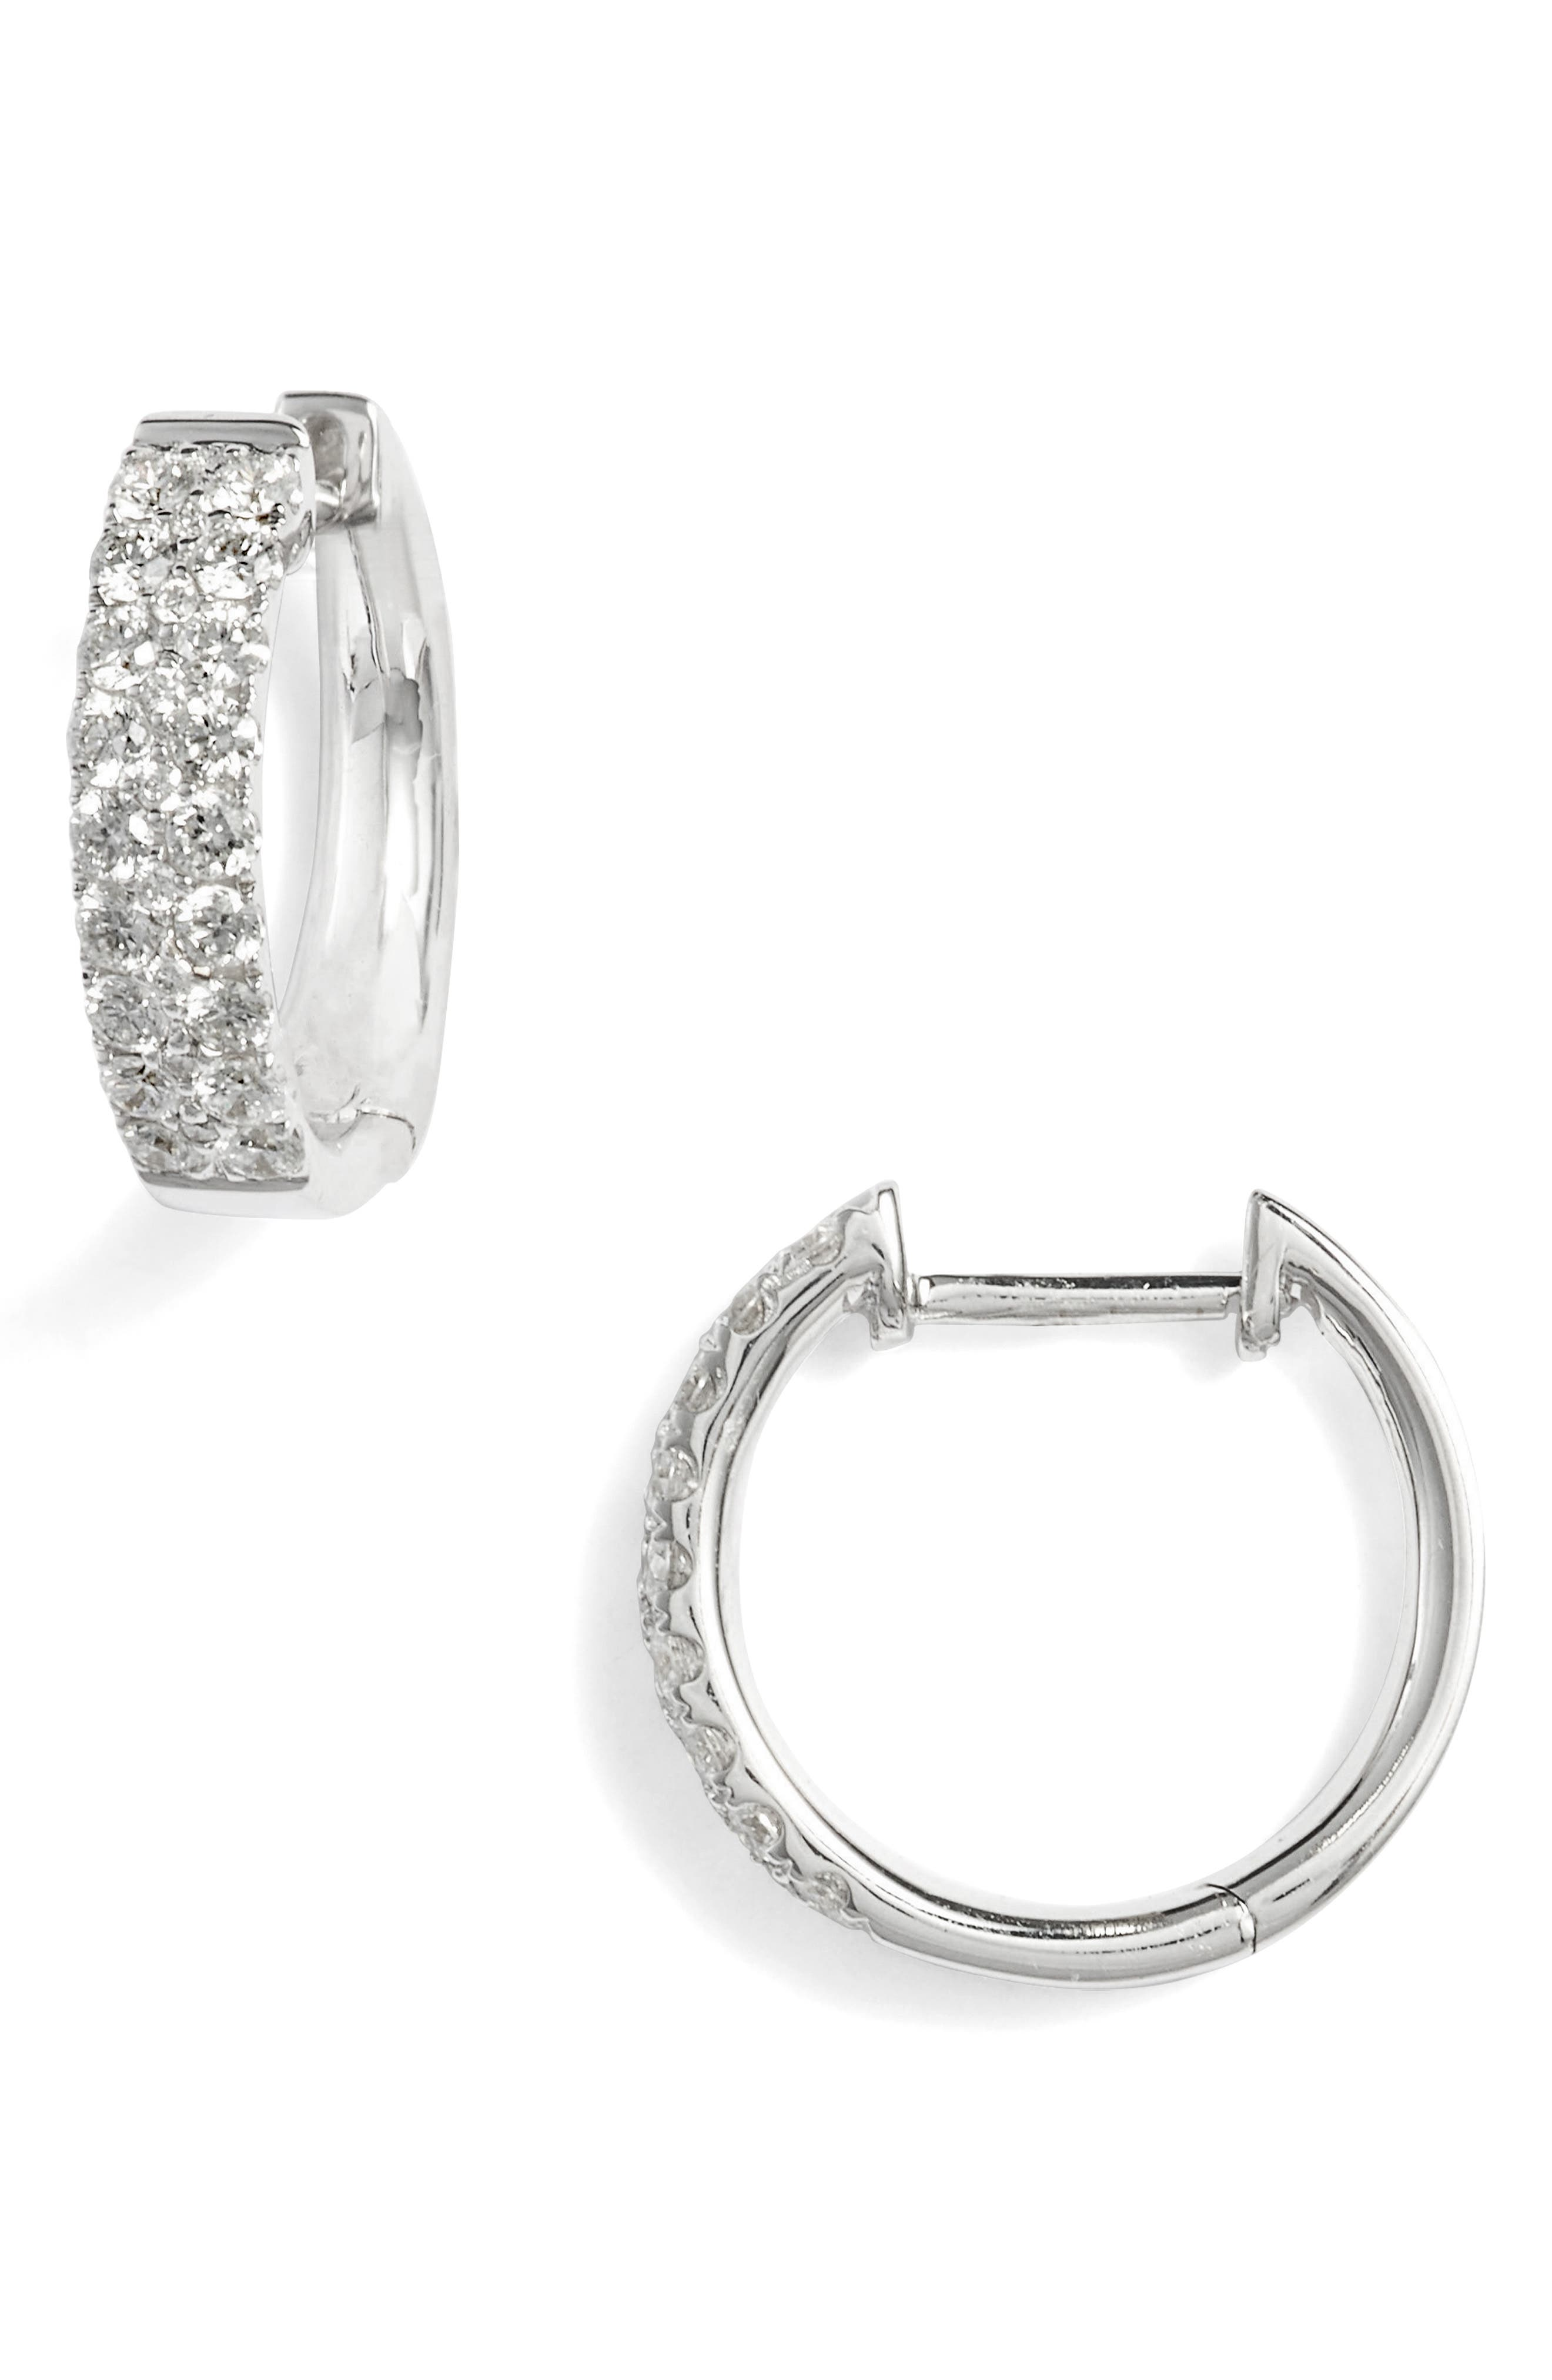 Kiera Small Diamond Hoop Earrings,                             Main thumbnail 1, color,